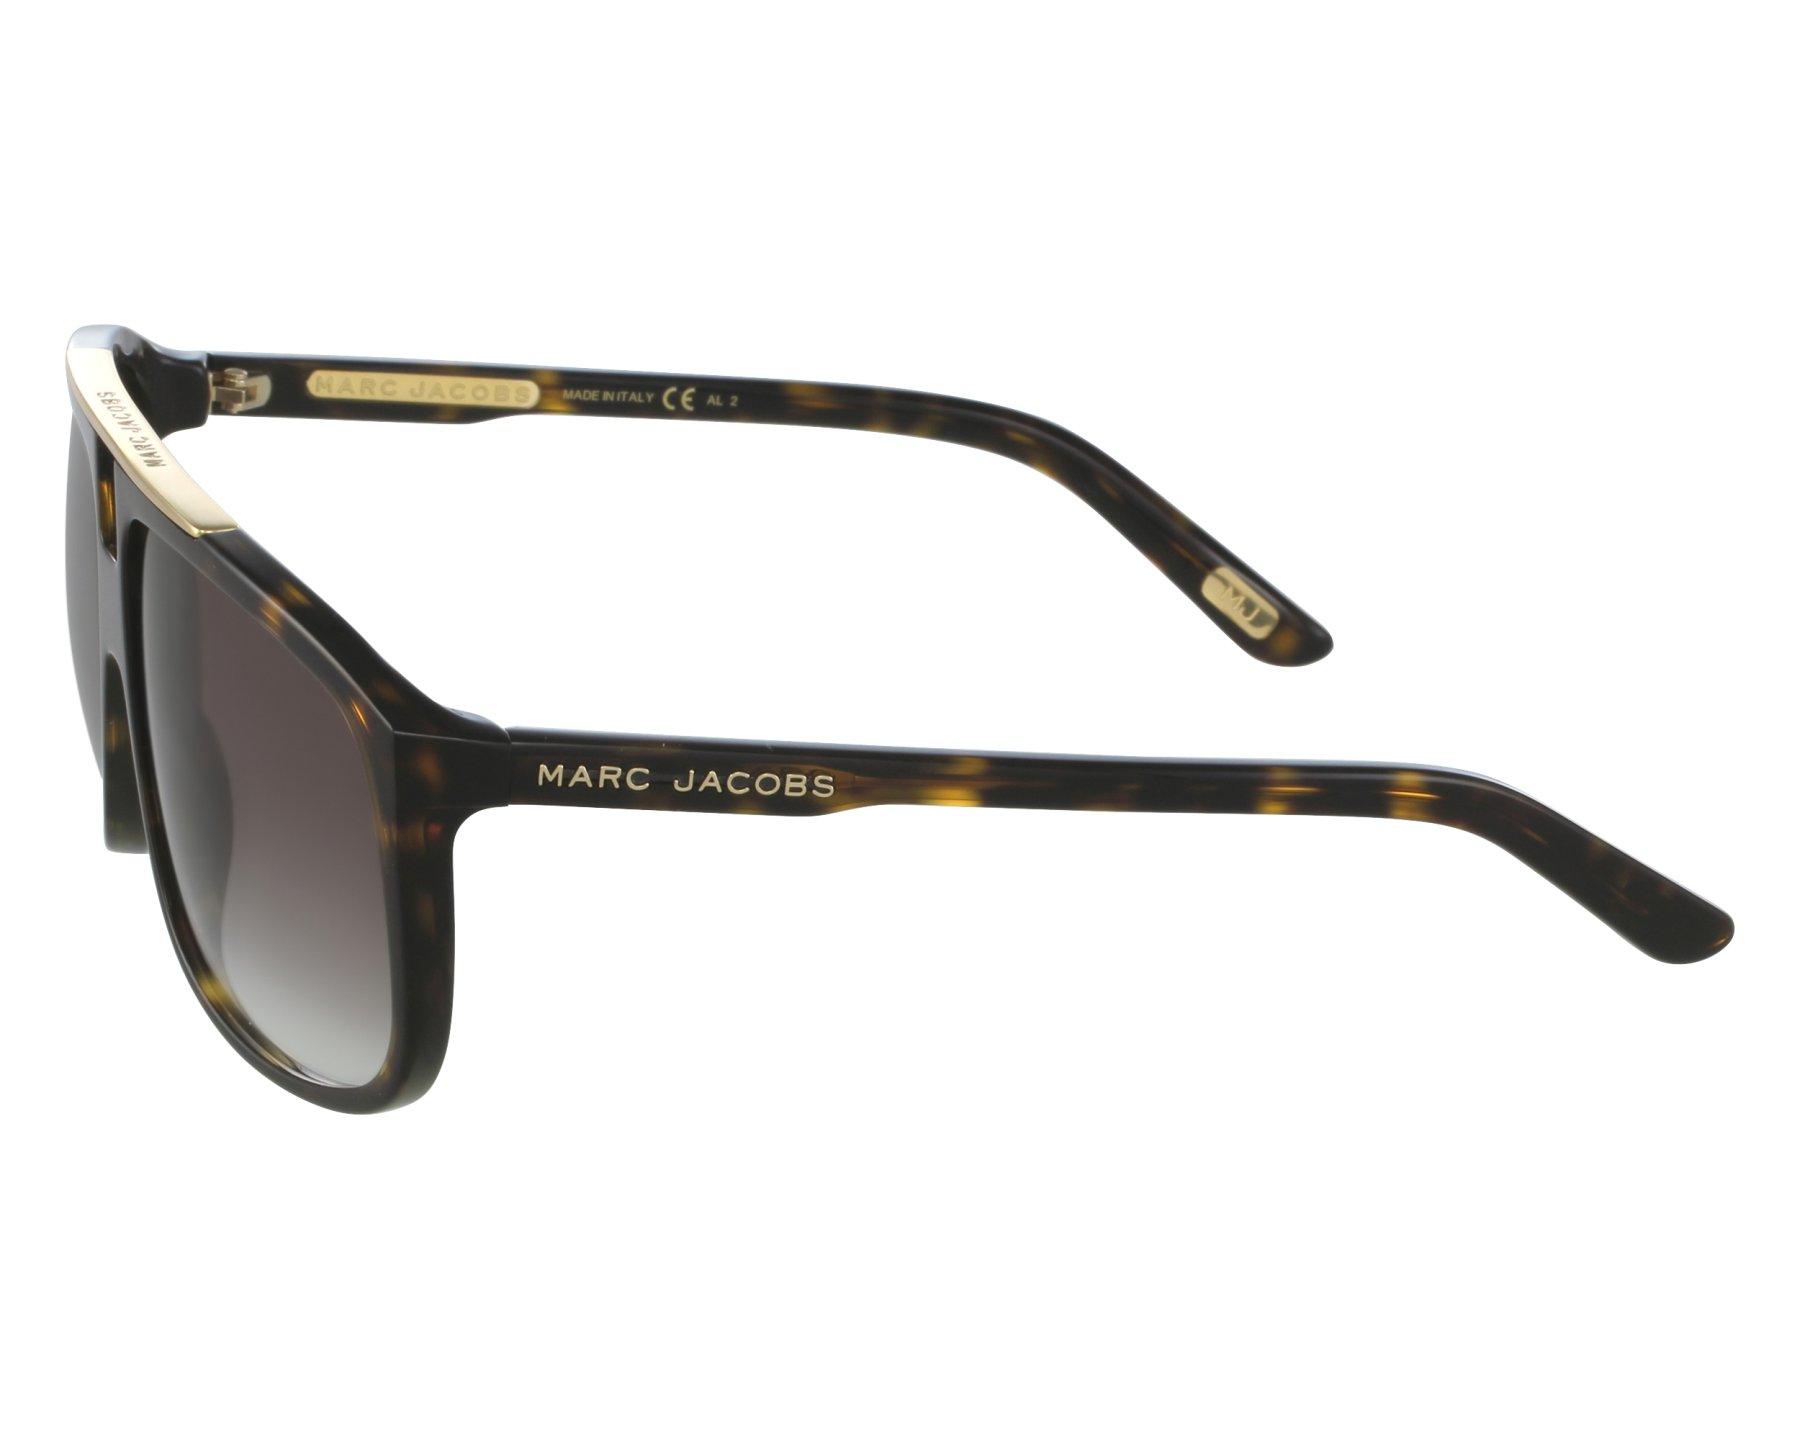 67b16b1d163c Sunglasses Marc Jacobs MJ-252-S 086/JS 60-13 Havana front